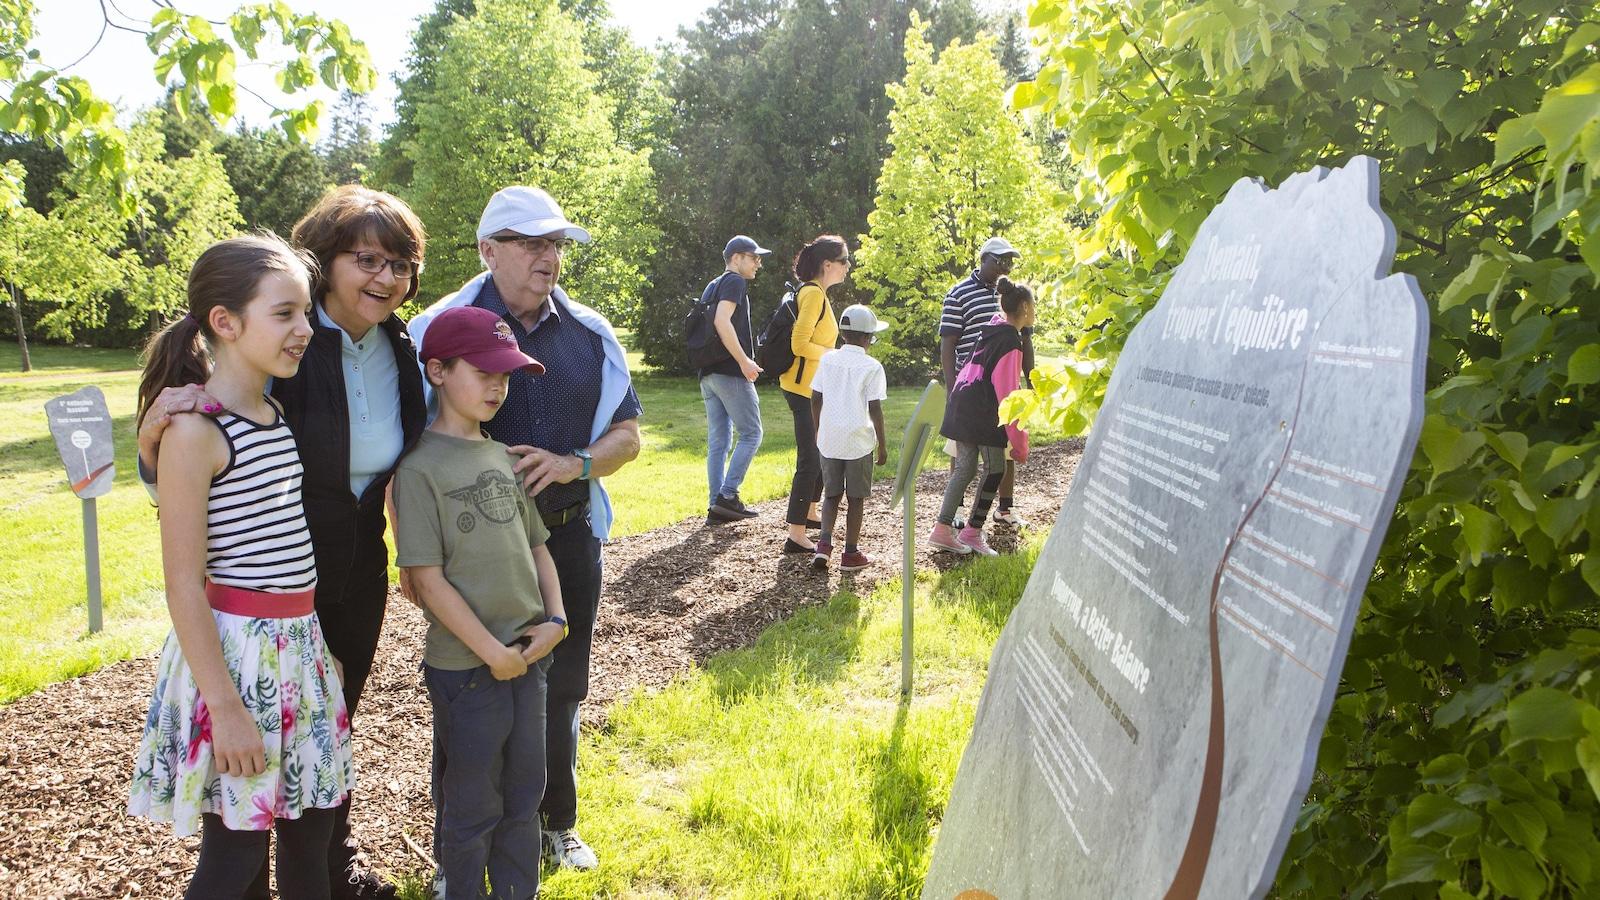 Sur le sentier du Jardin botanique, une famille lit un panneau explicatif de l'exposition.